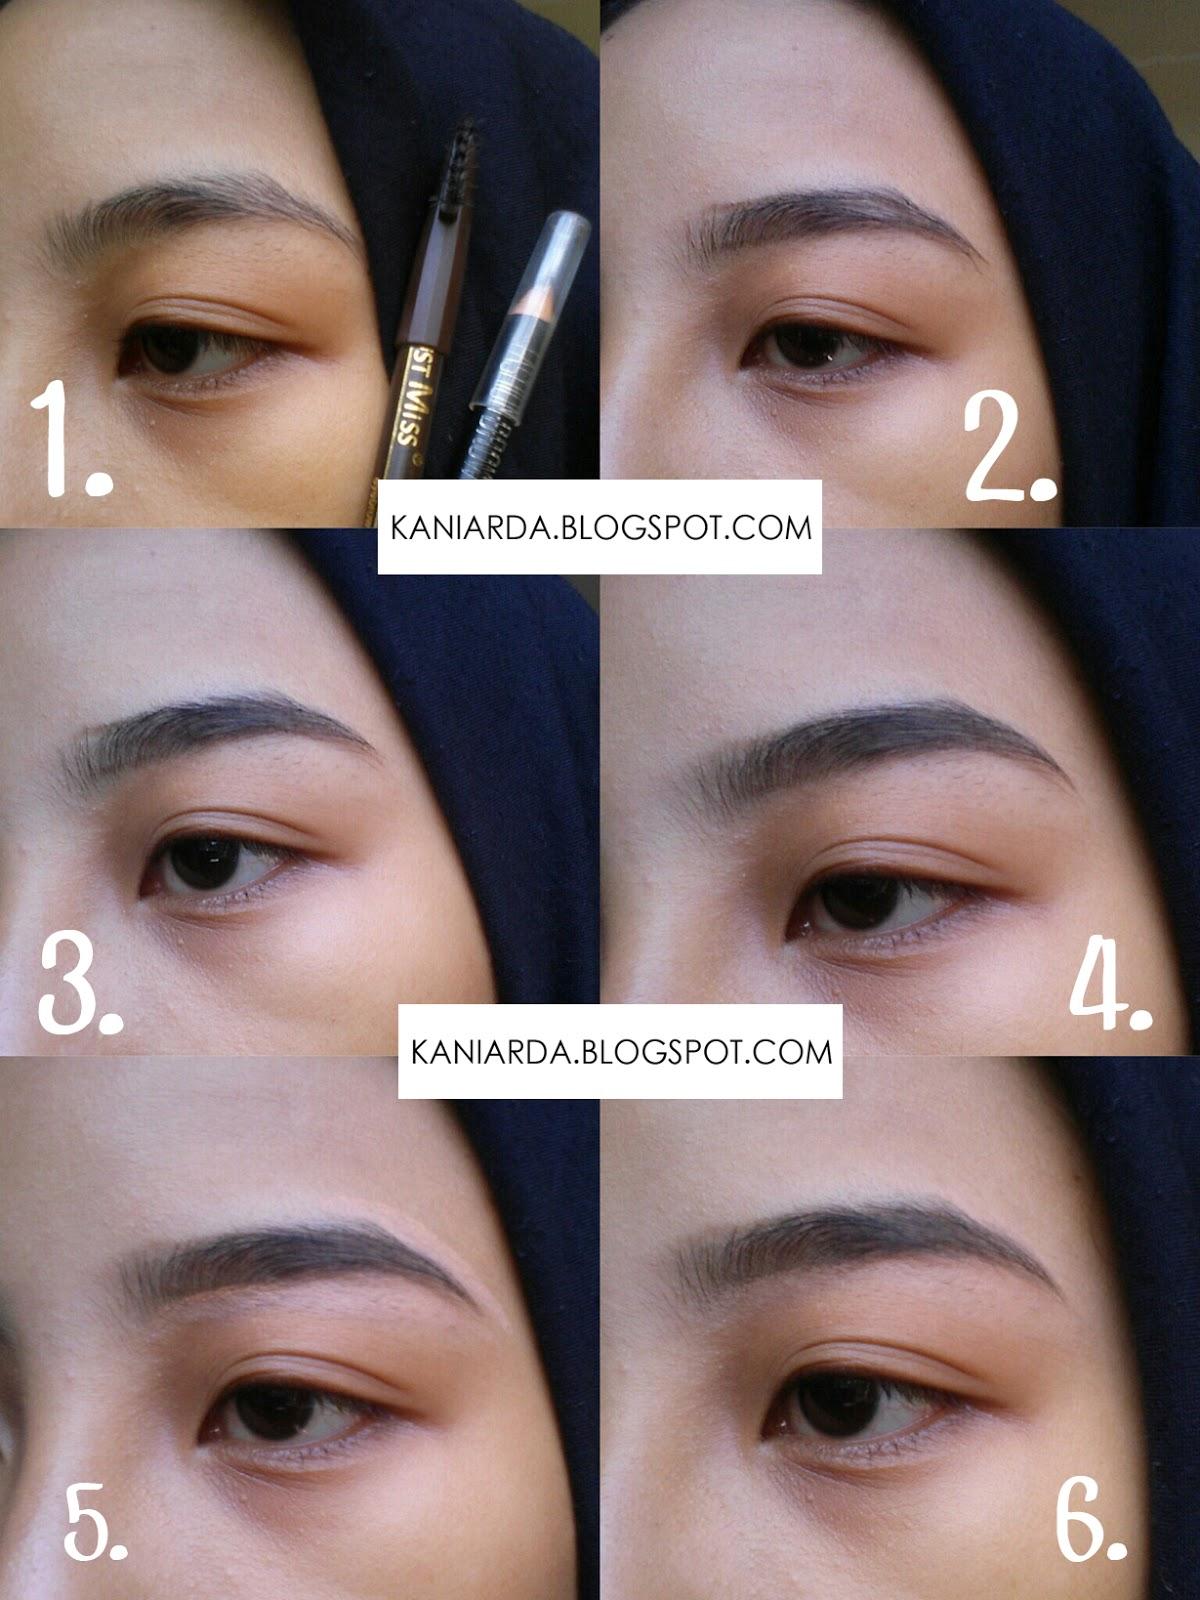 Jual Pensil Alis Viva Termurah 2018 Original Tutorial Makeup Lebaran Simple Friday Girl Step By Gambar Ala Arda 1 Siapin